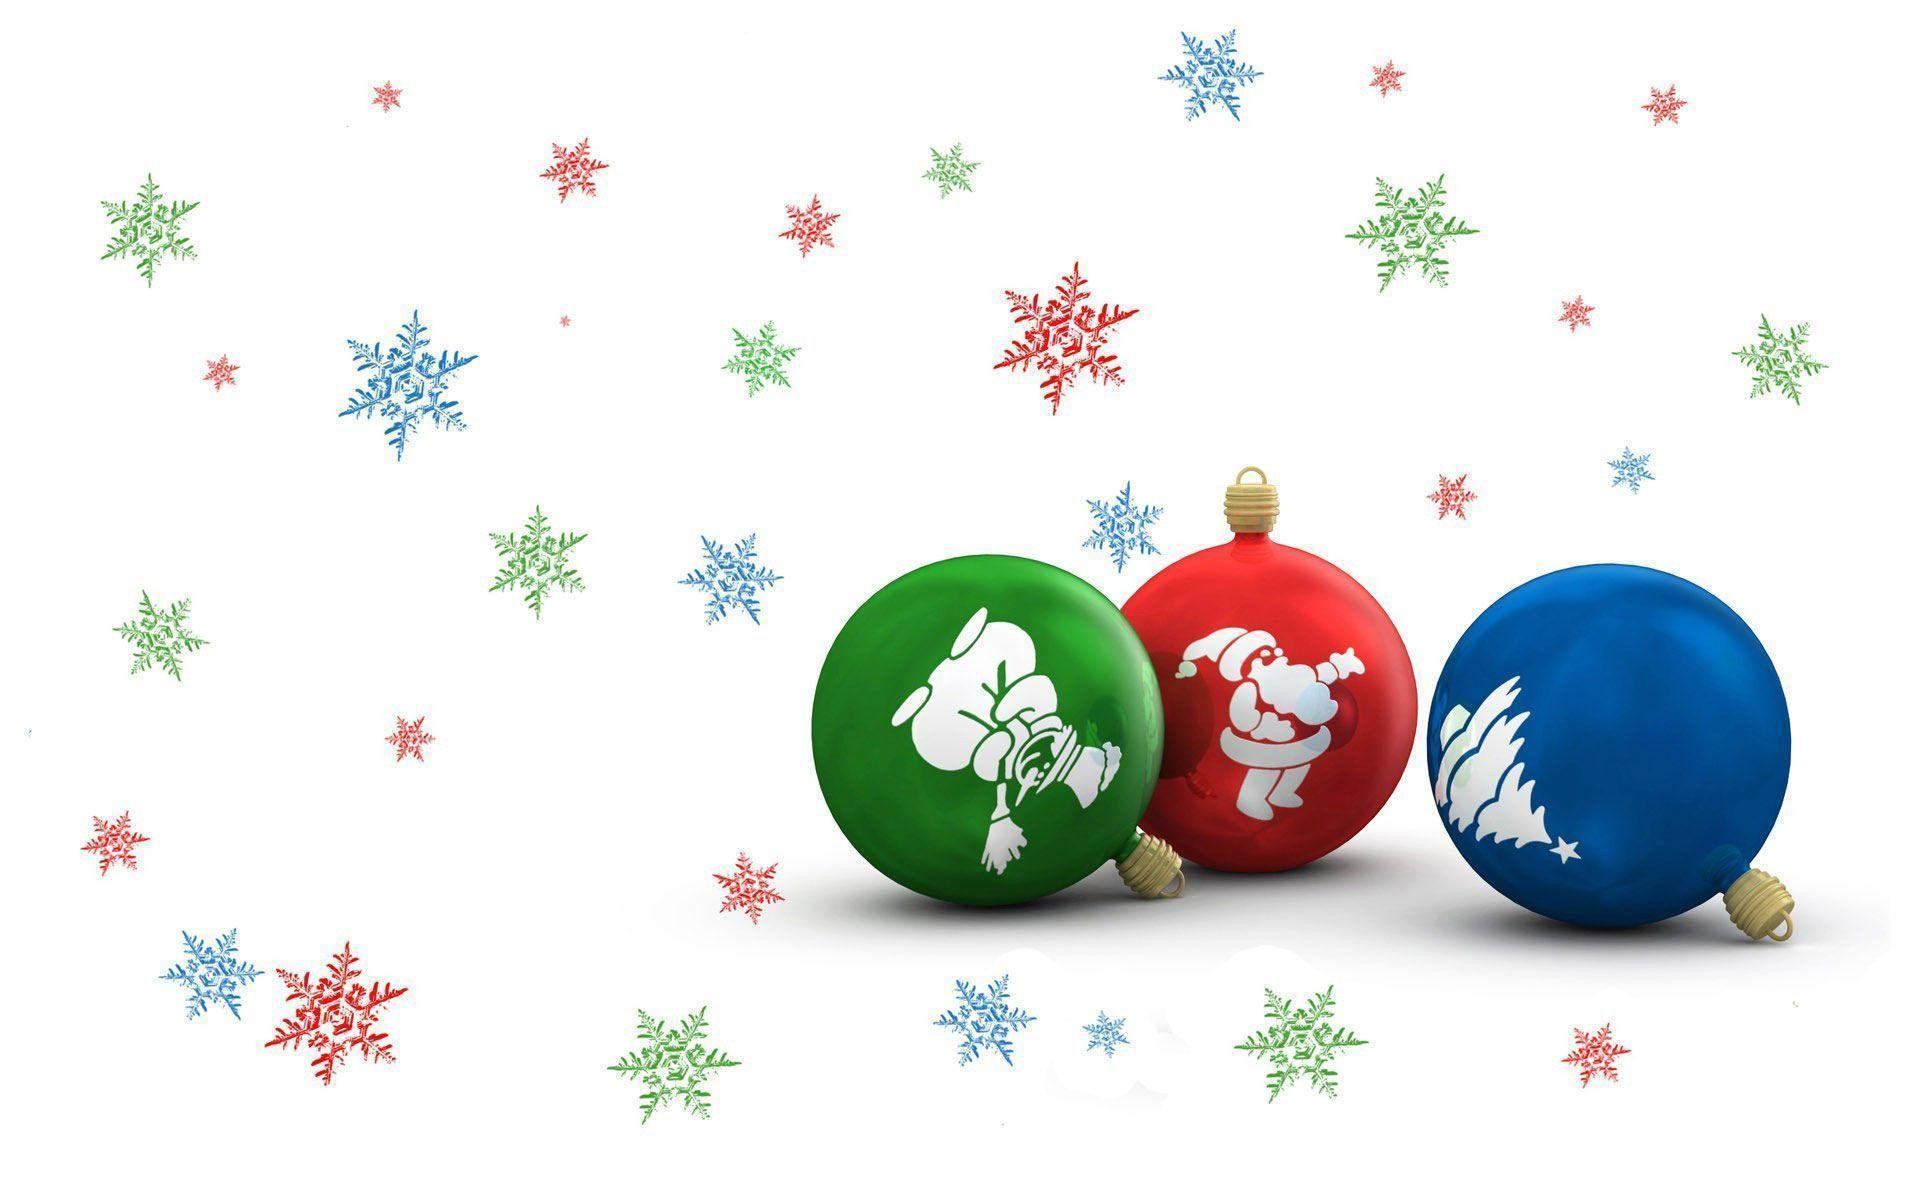 Desktop backgrounds // Backgrounds // Holiday // Christmas Desktop .